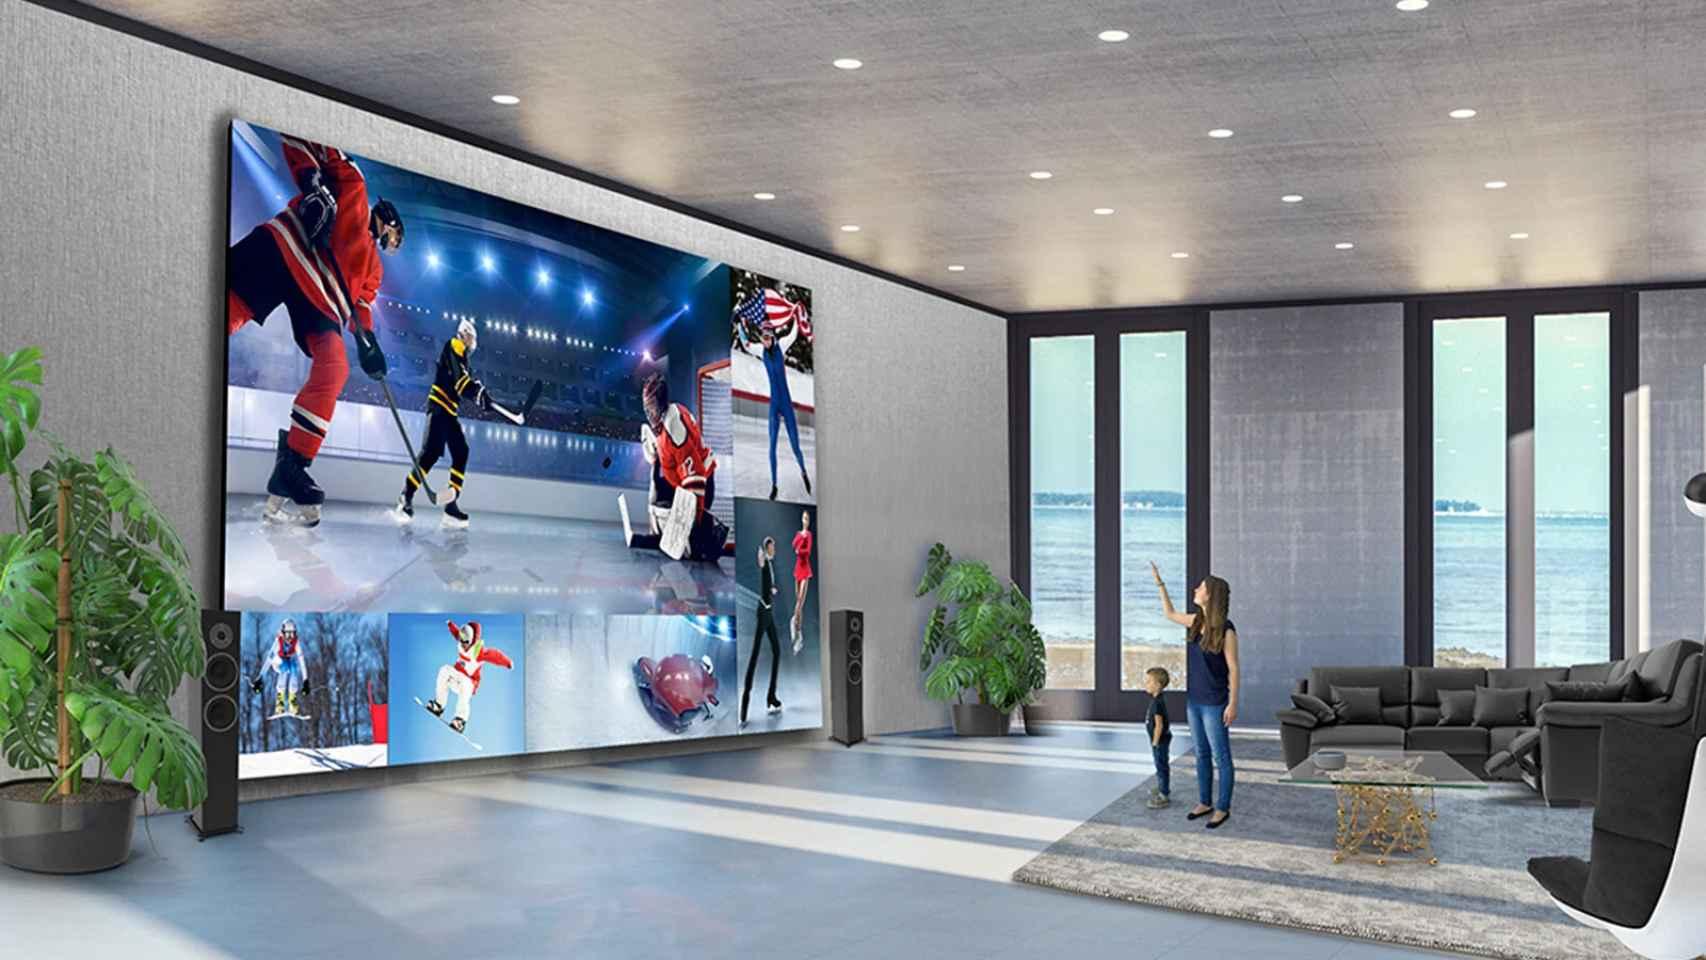 El televisor gigante de LG: 325 pulgadas para montar, de verdad, un cine en casa